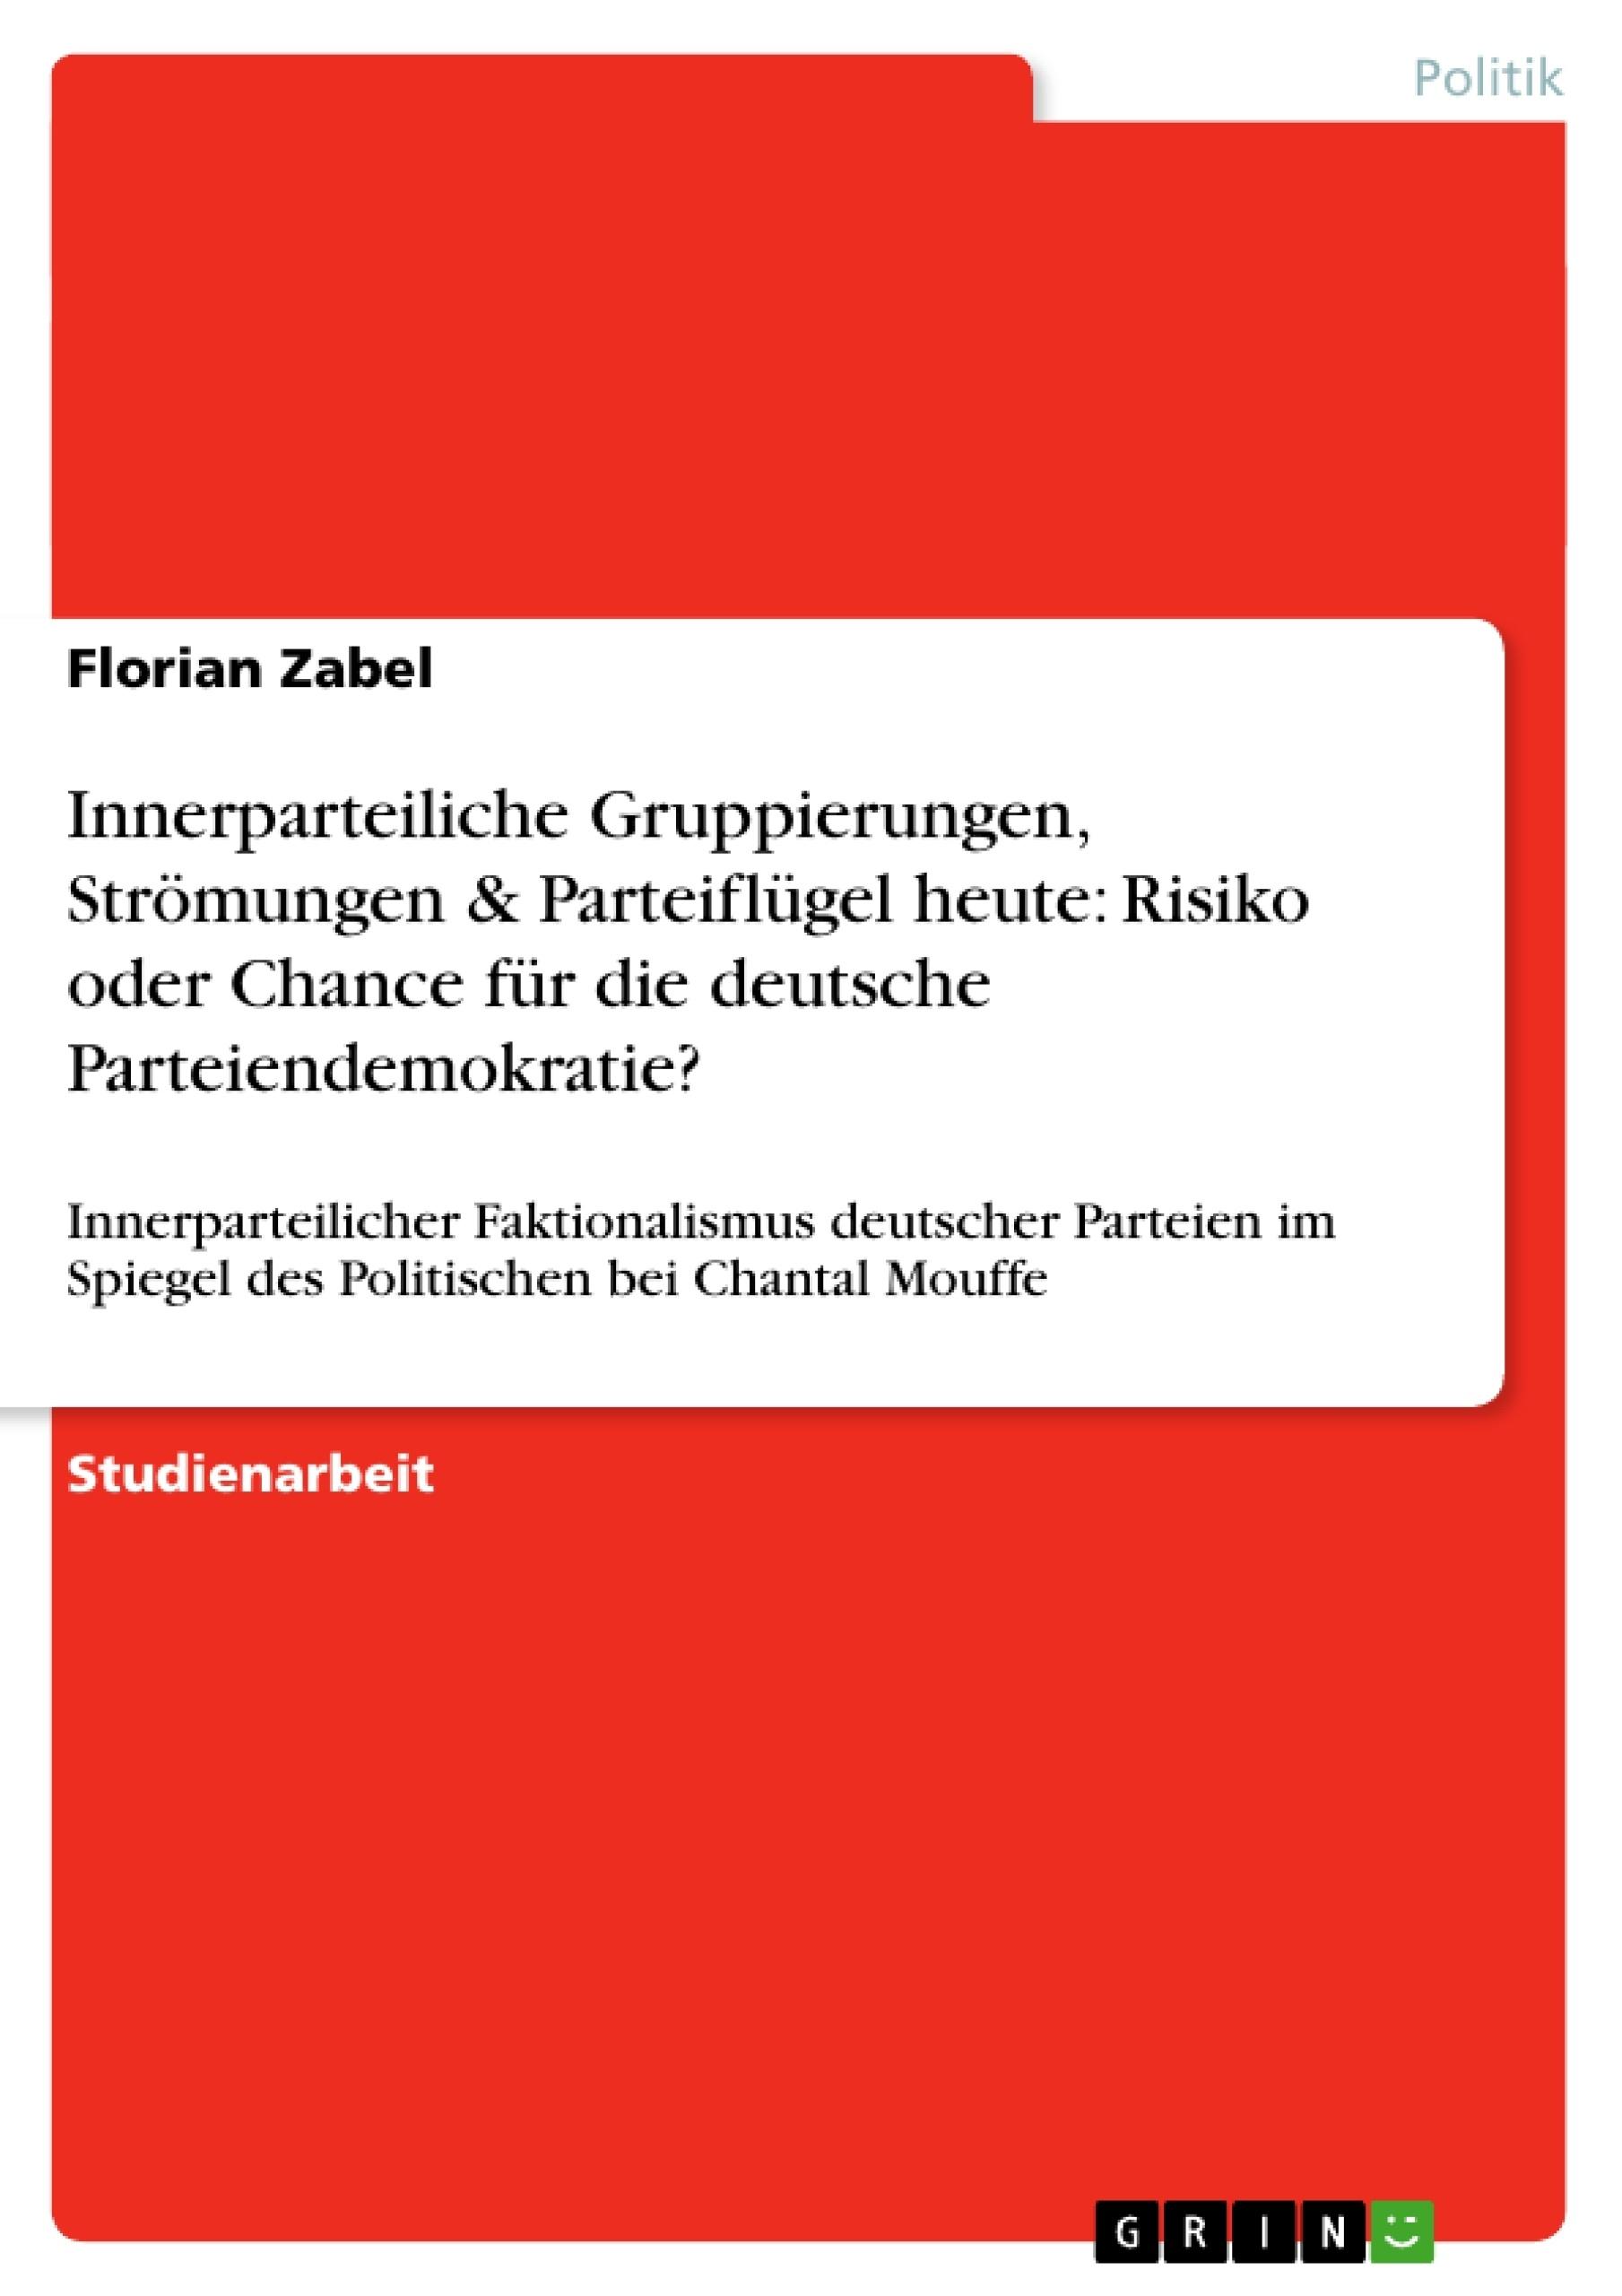 Titel: Innerparteiliche Gruppierungen, Strömungen & Parteiflügel heute: Risiko oder Chance für die deutsche Parteiendemokratie?